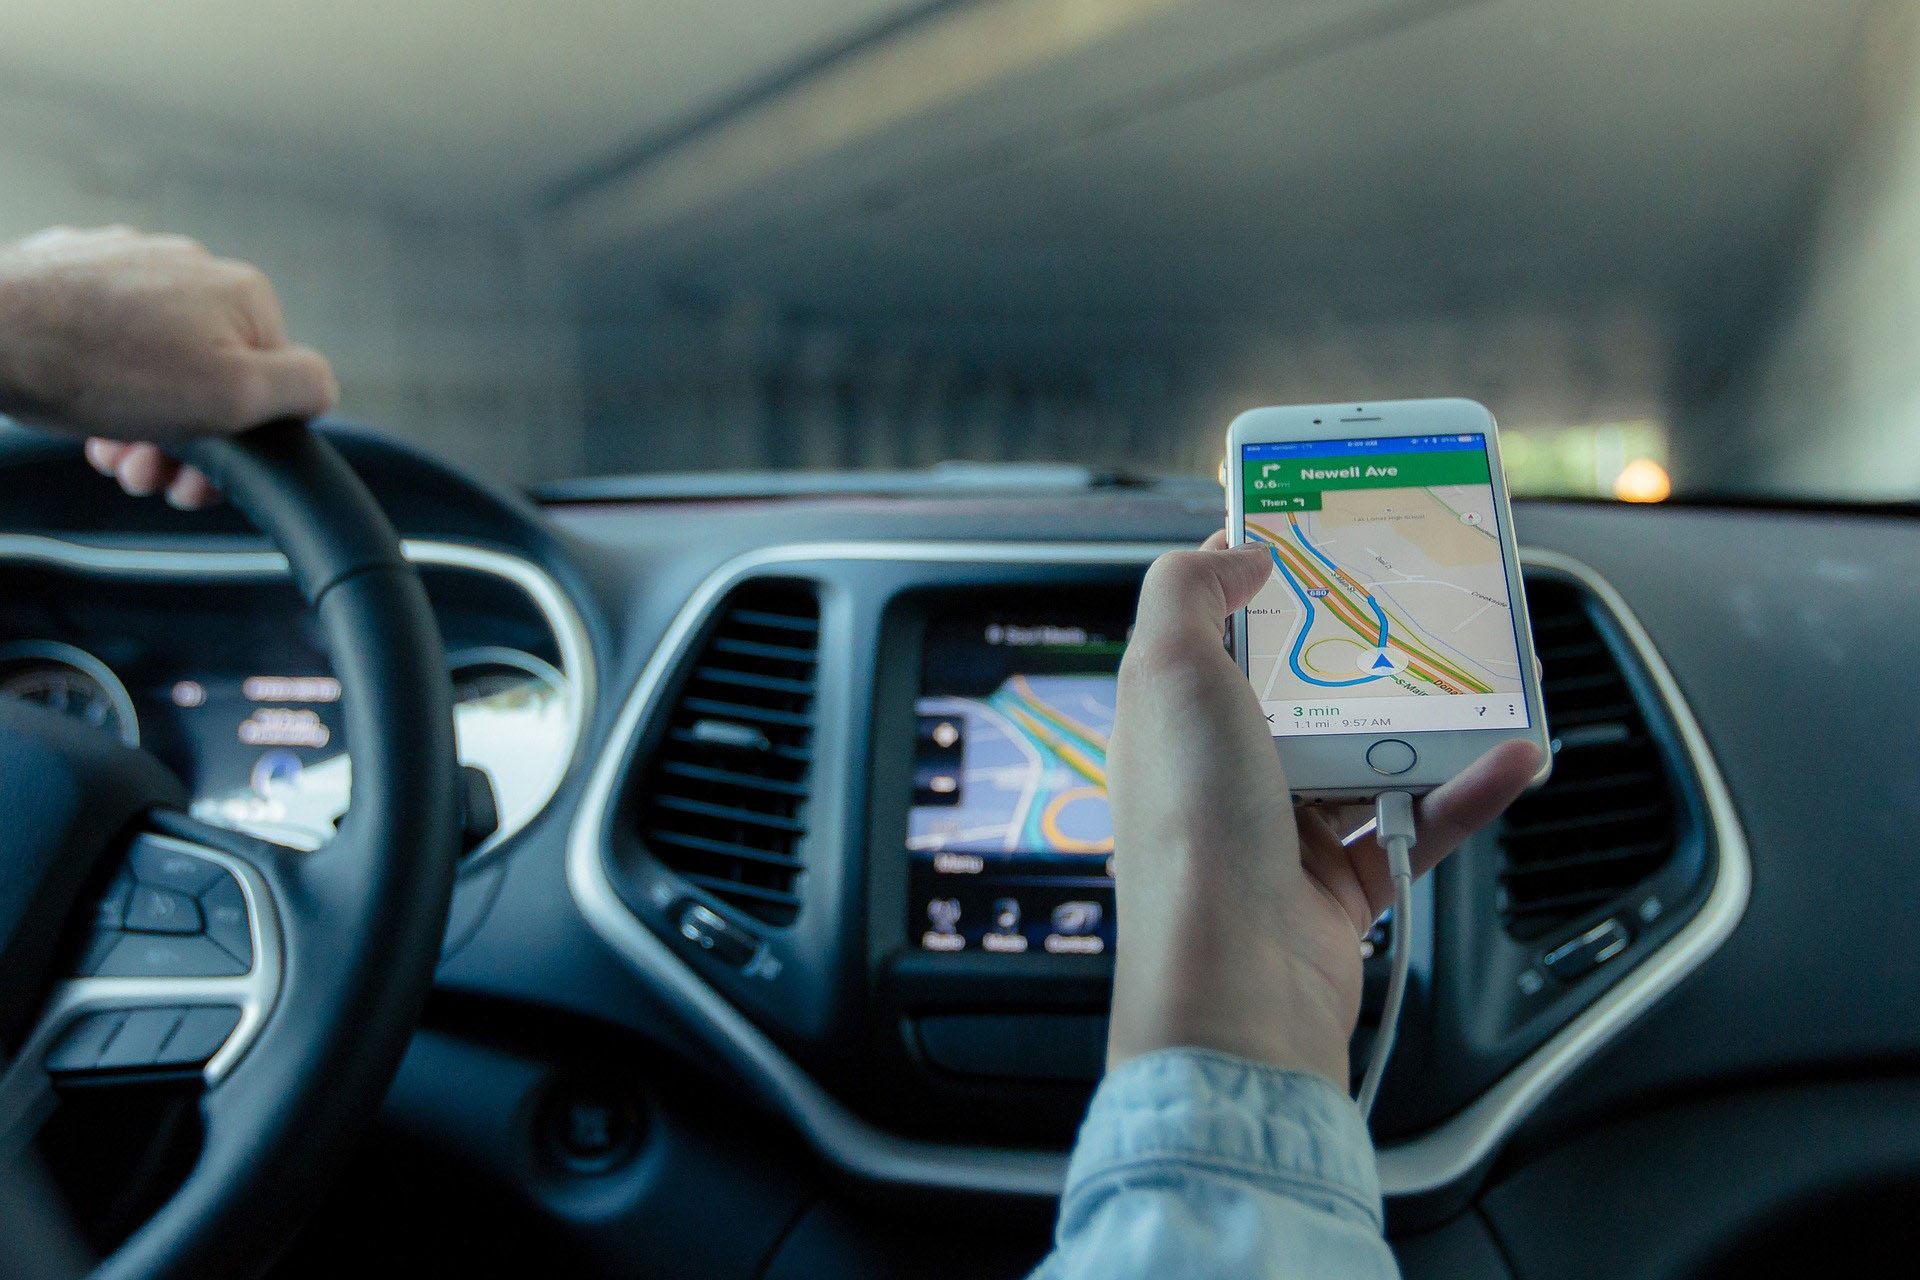 Smart phone navigation system